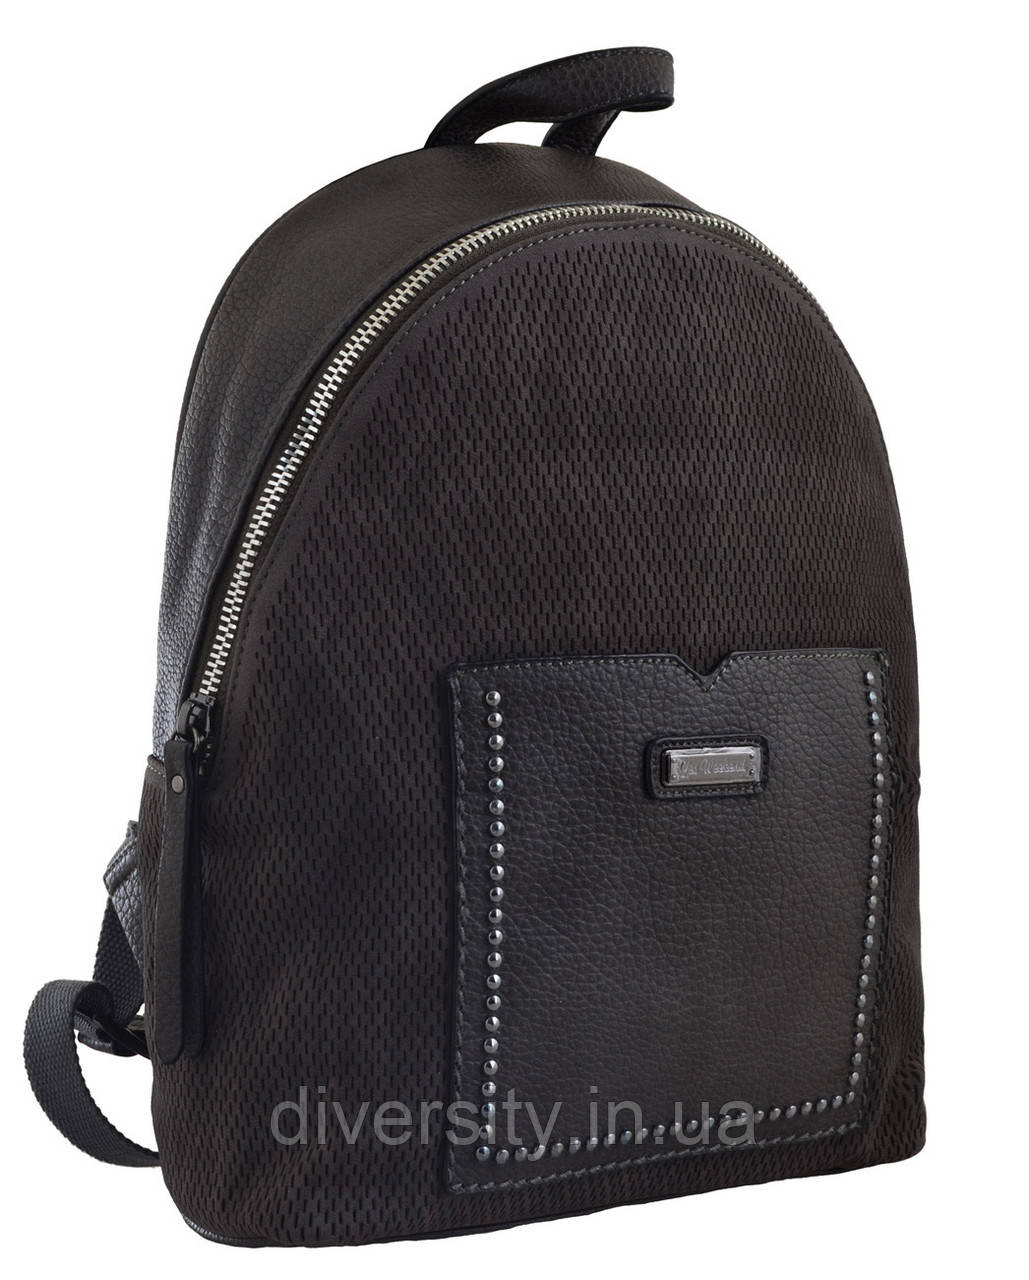 Женский рюкзак YES YW-19,   темно-серый